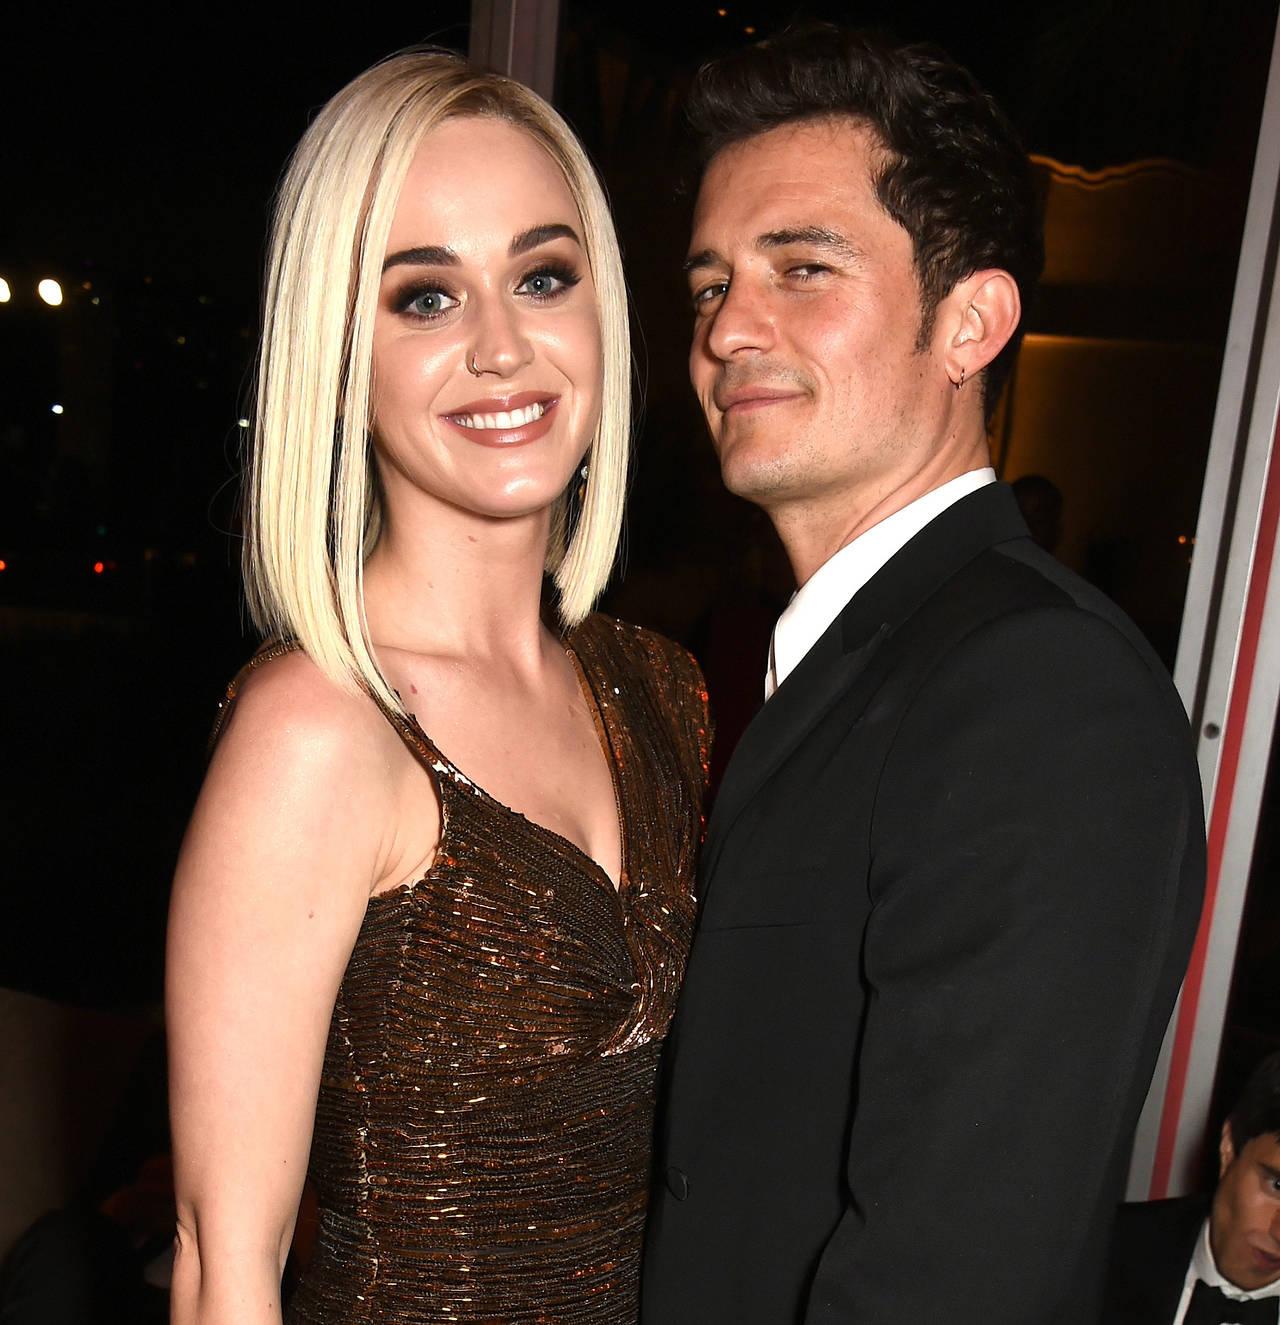 ¿Regresan Katy Perry y Bloom?